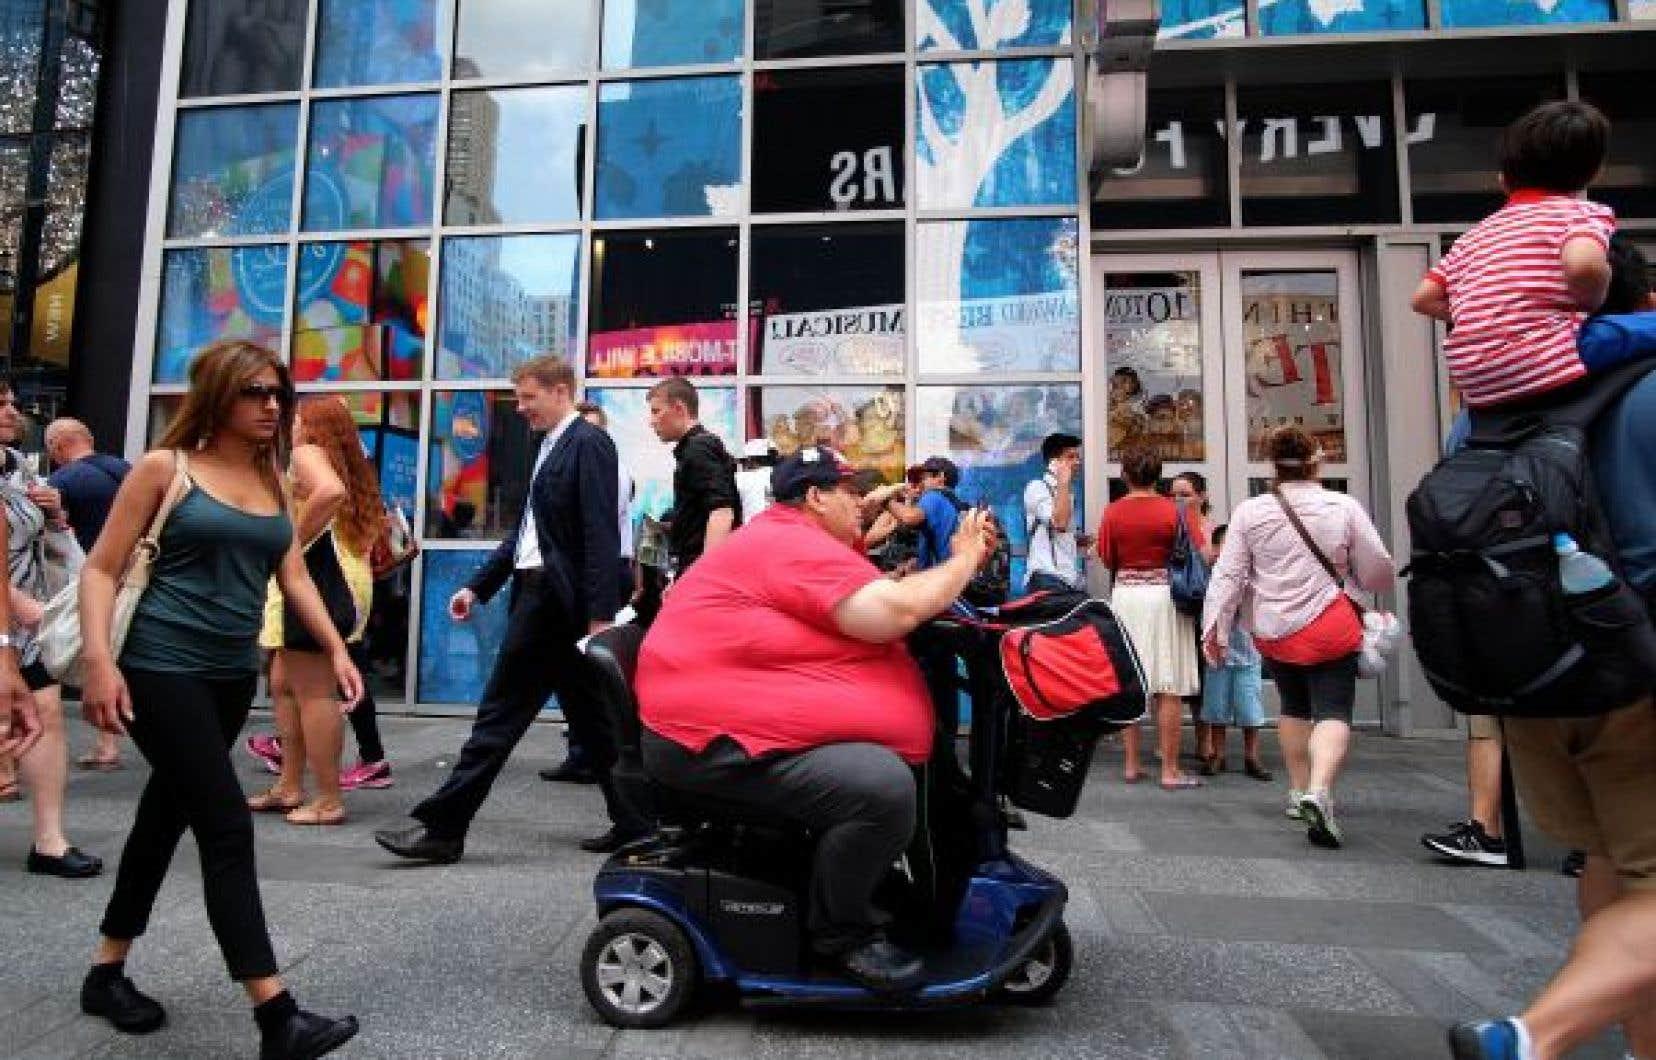 Le nombre de personnes obèses a fortement augmenté entre 2001-2004 et 2013-2016, partout aux États-Unis